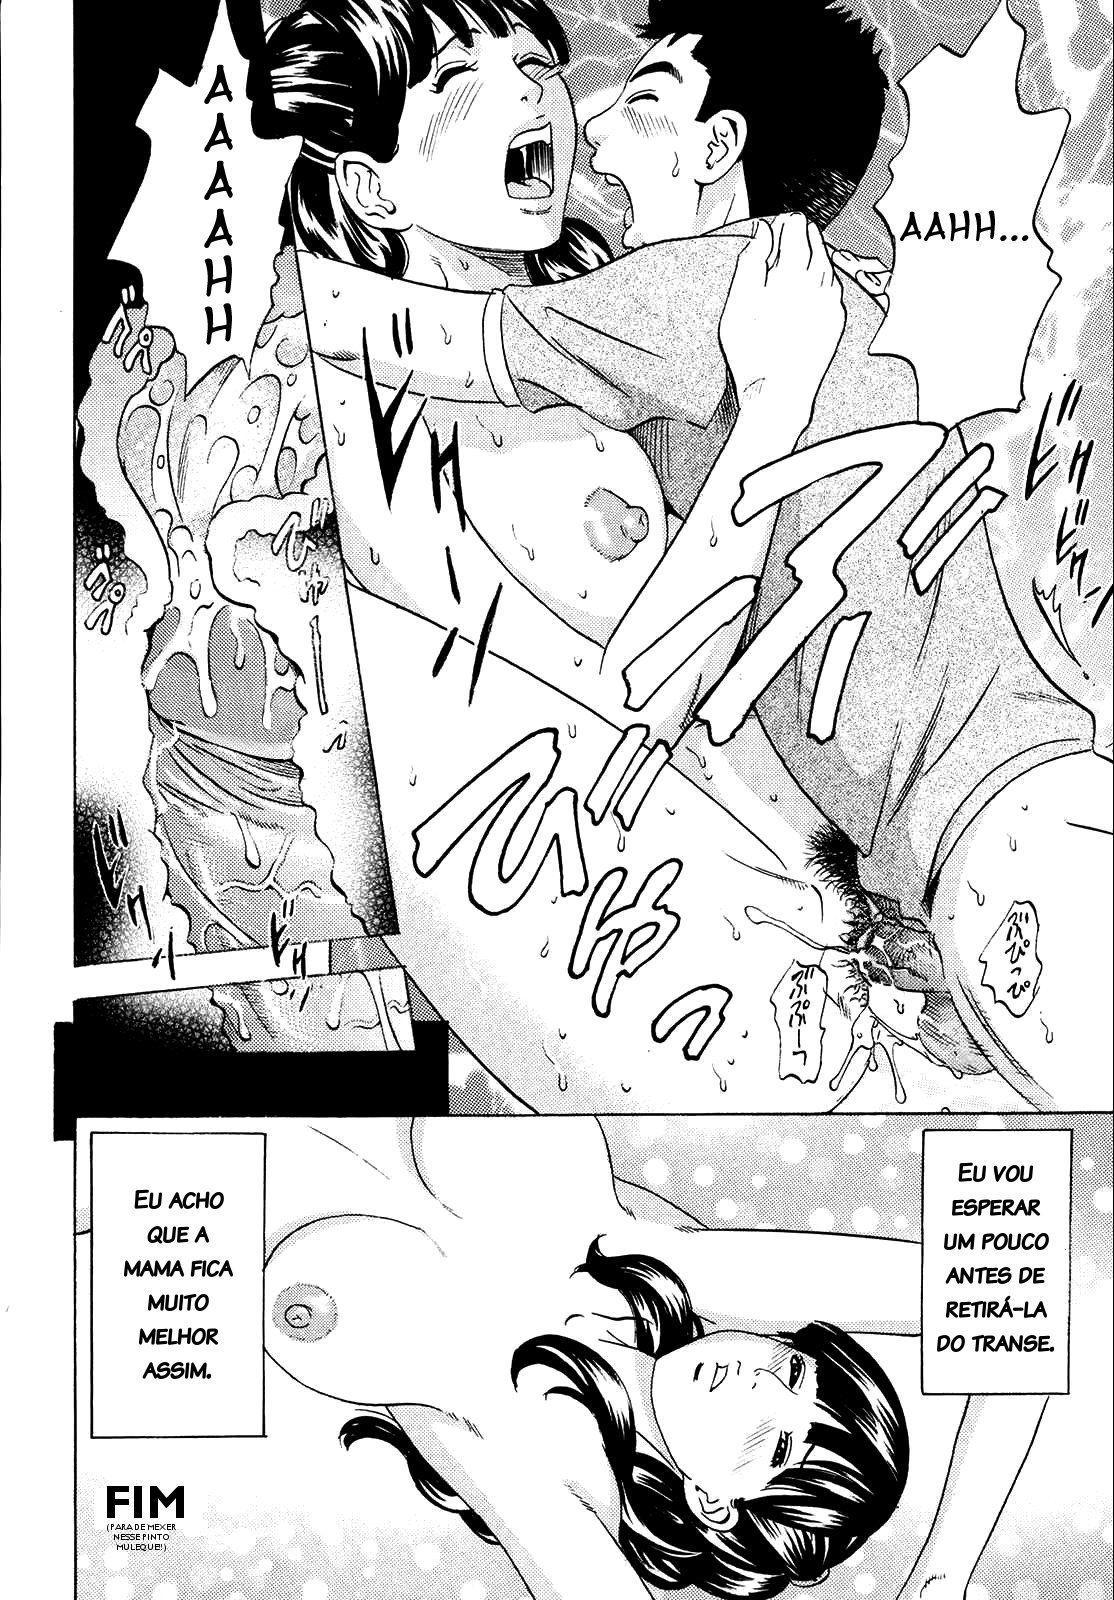 hentaihome.net-Hipnotizada-17